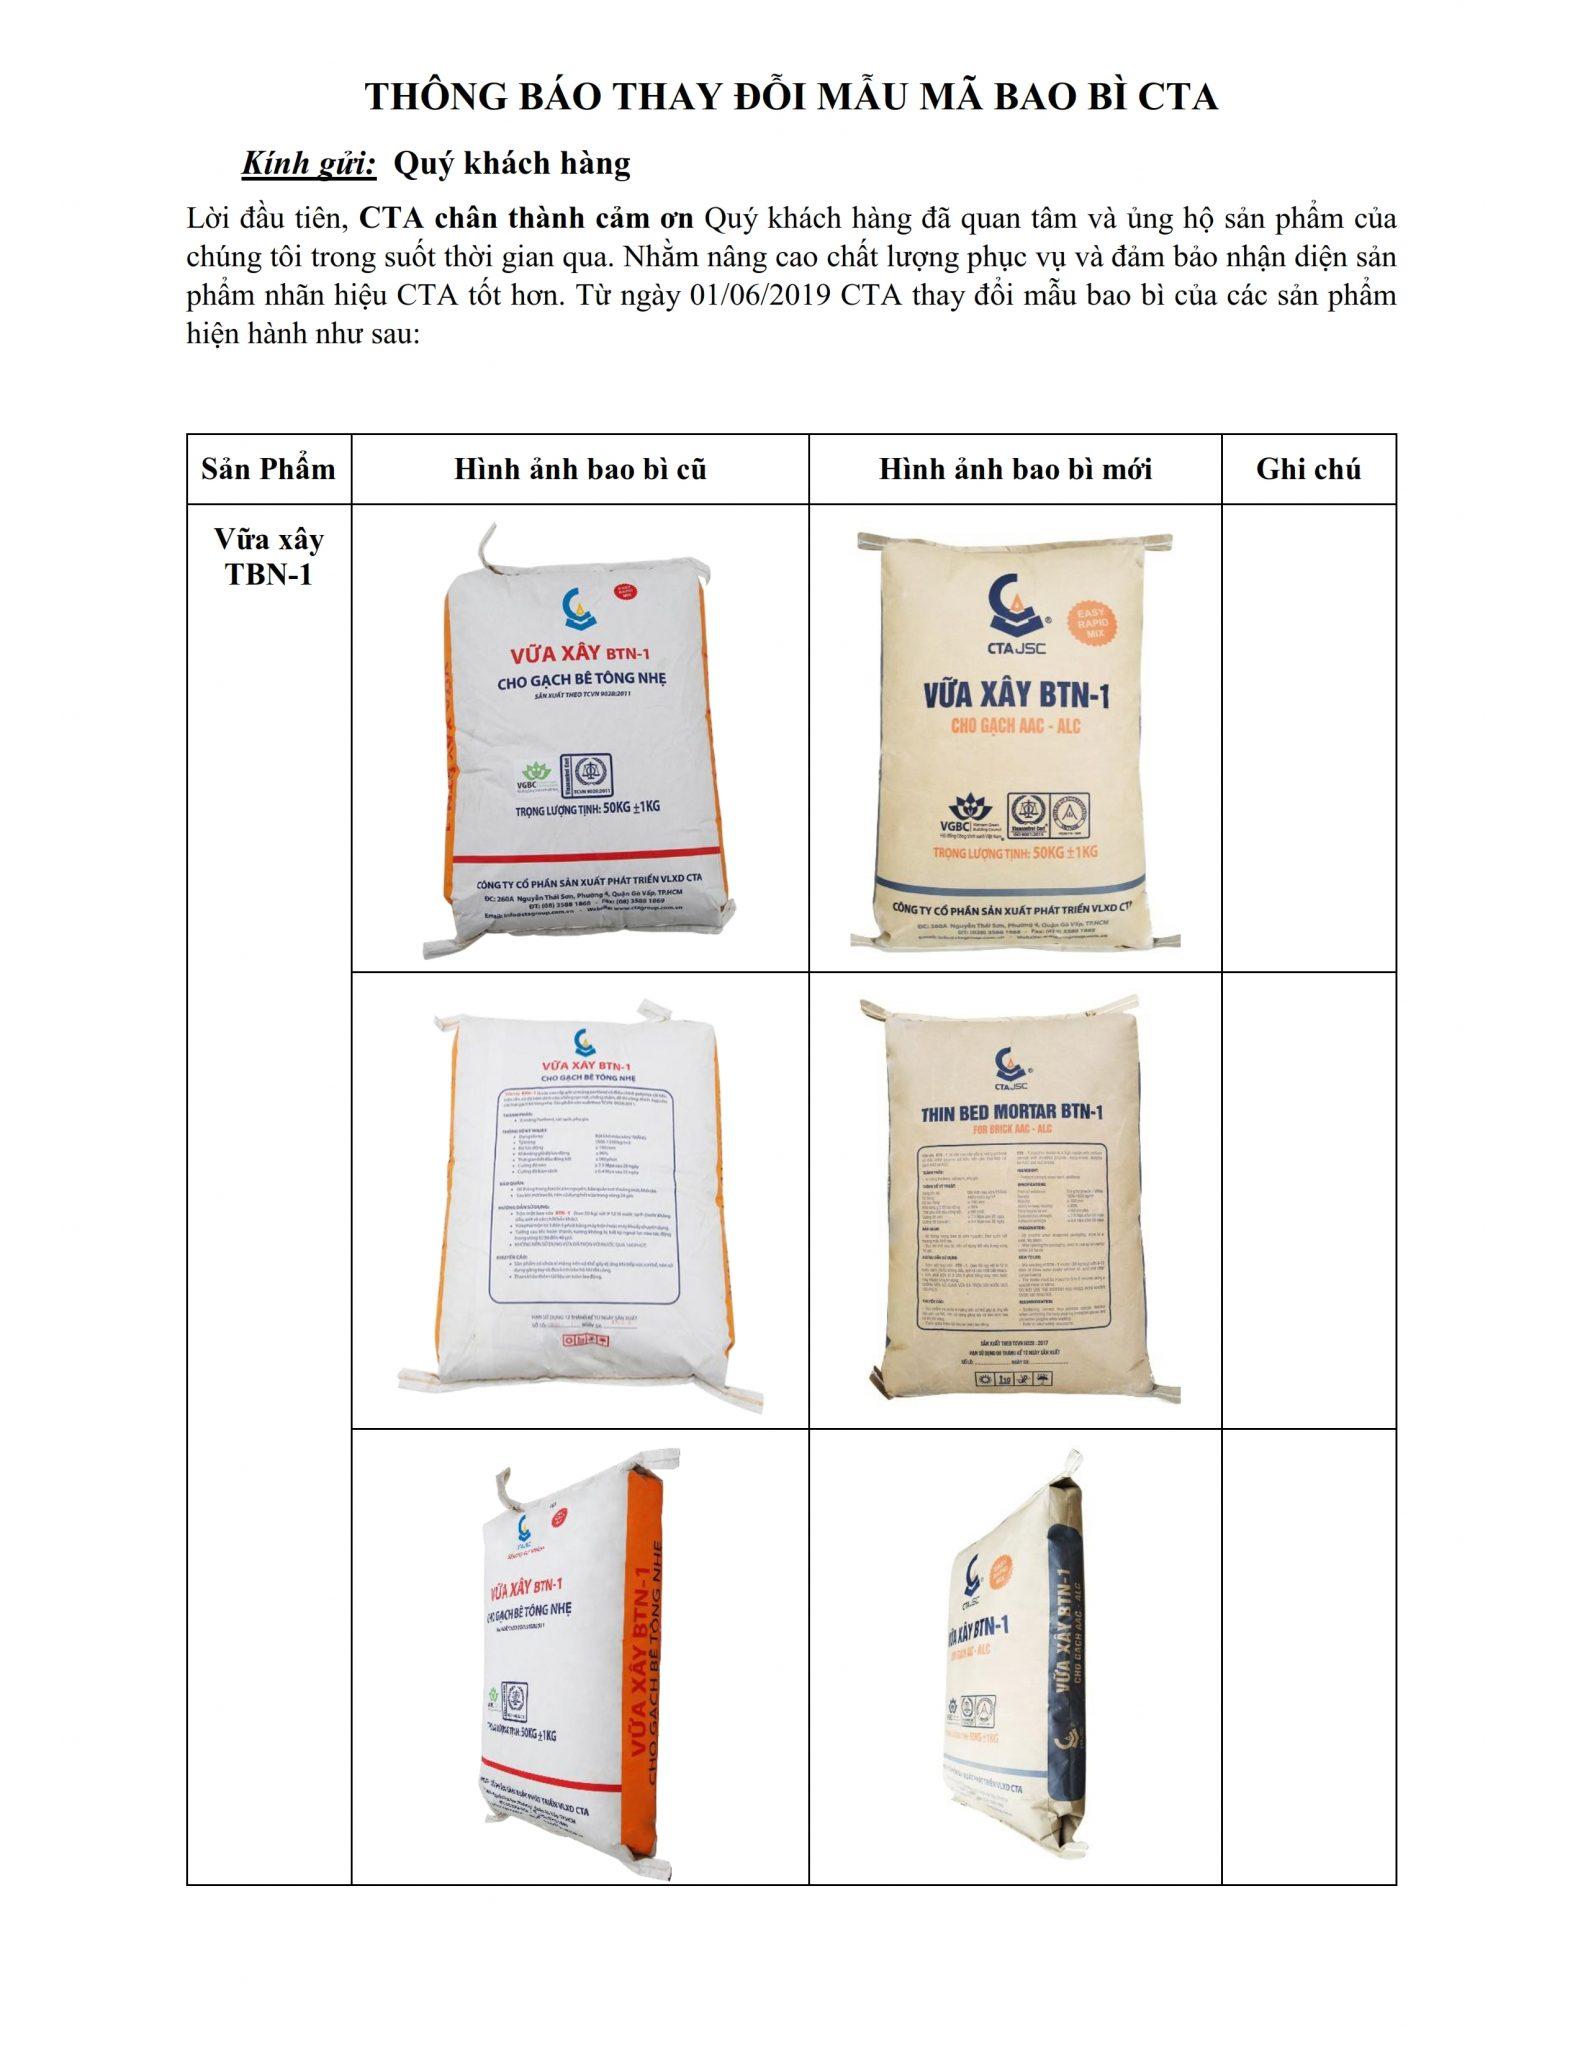 Thông báo thay đổi mẫu bao bì Sản phẩm